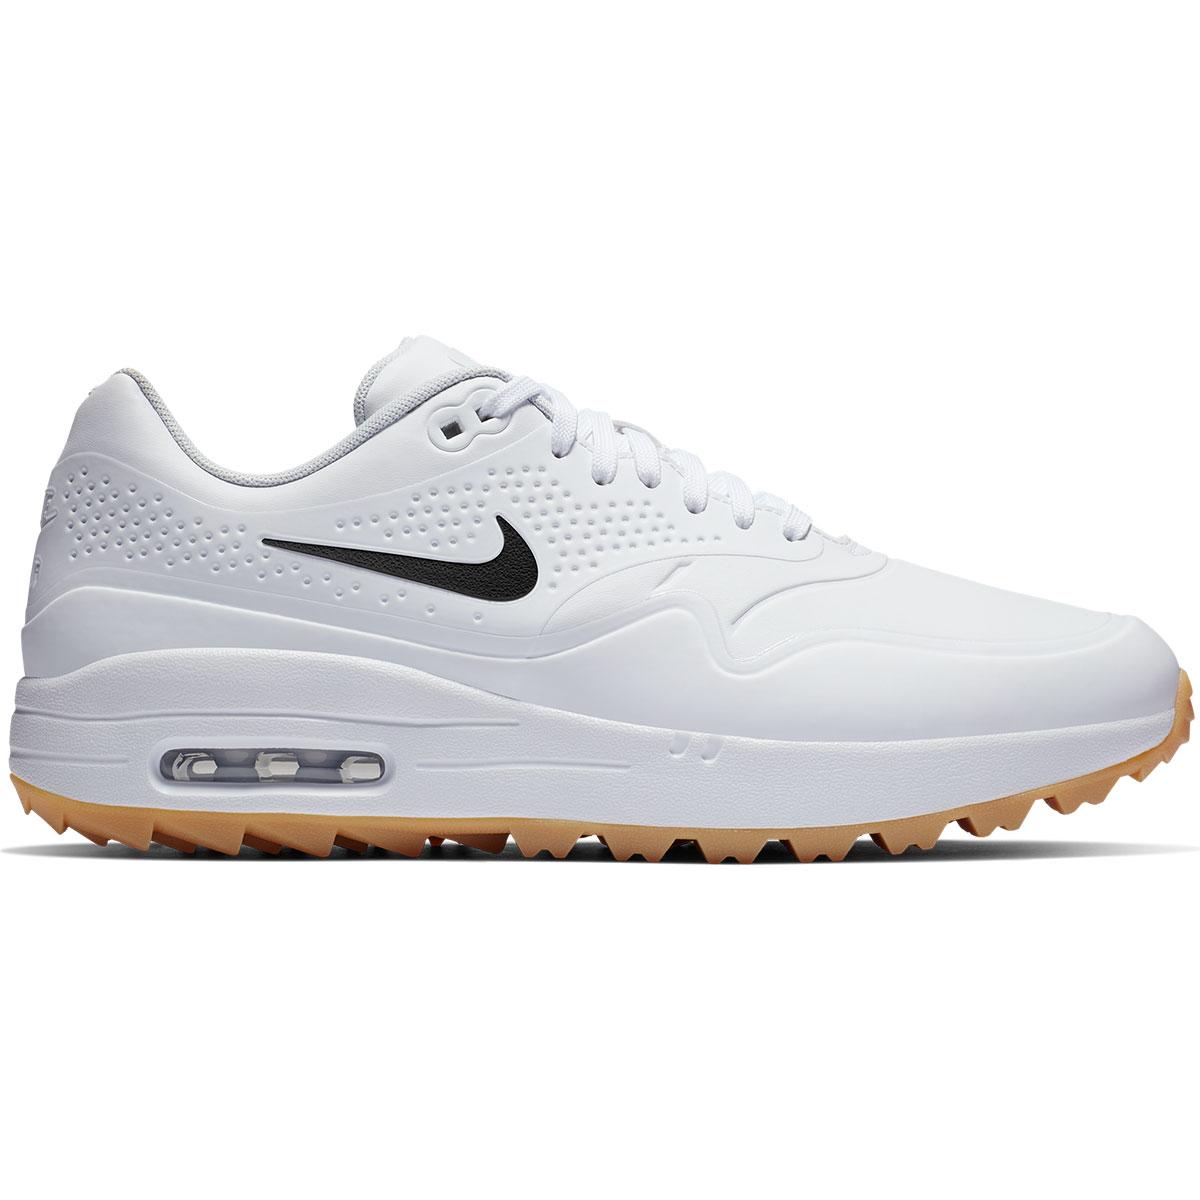 Chaussures Nike Air Max 1G